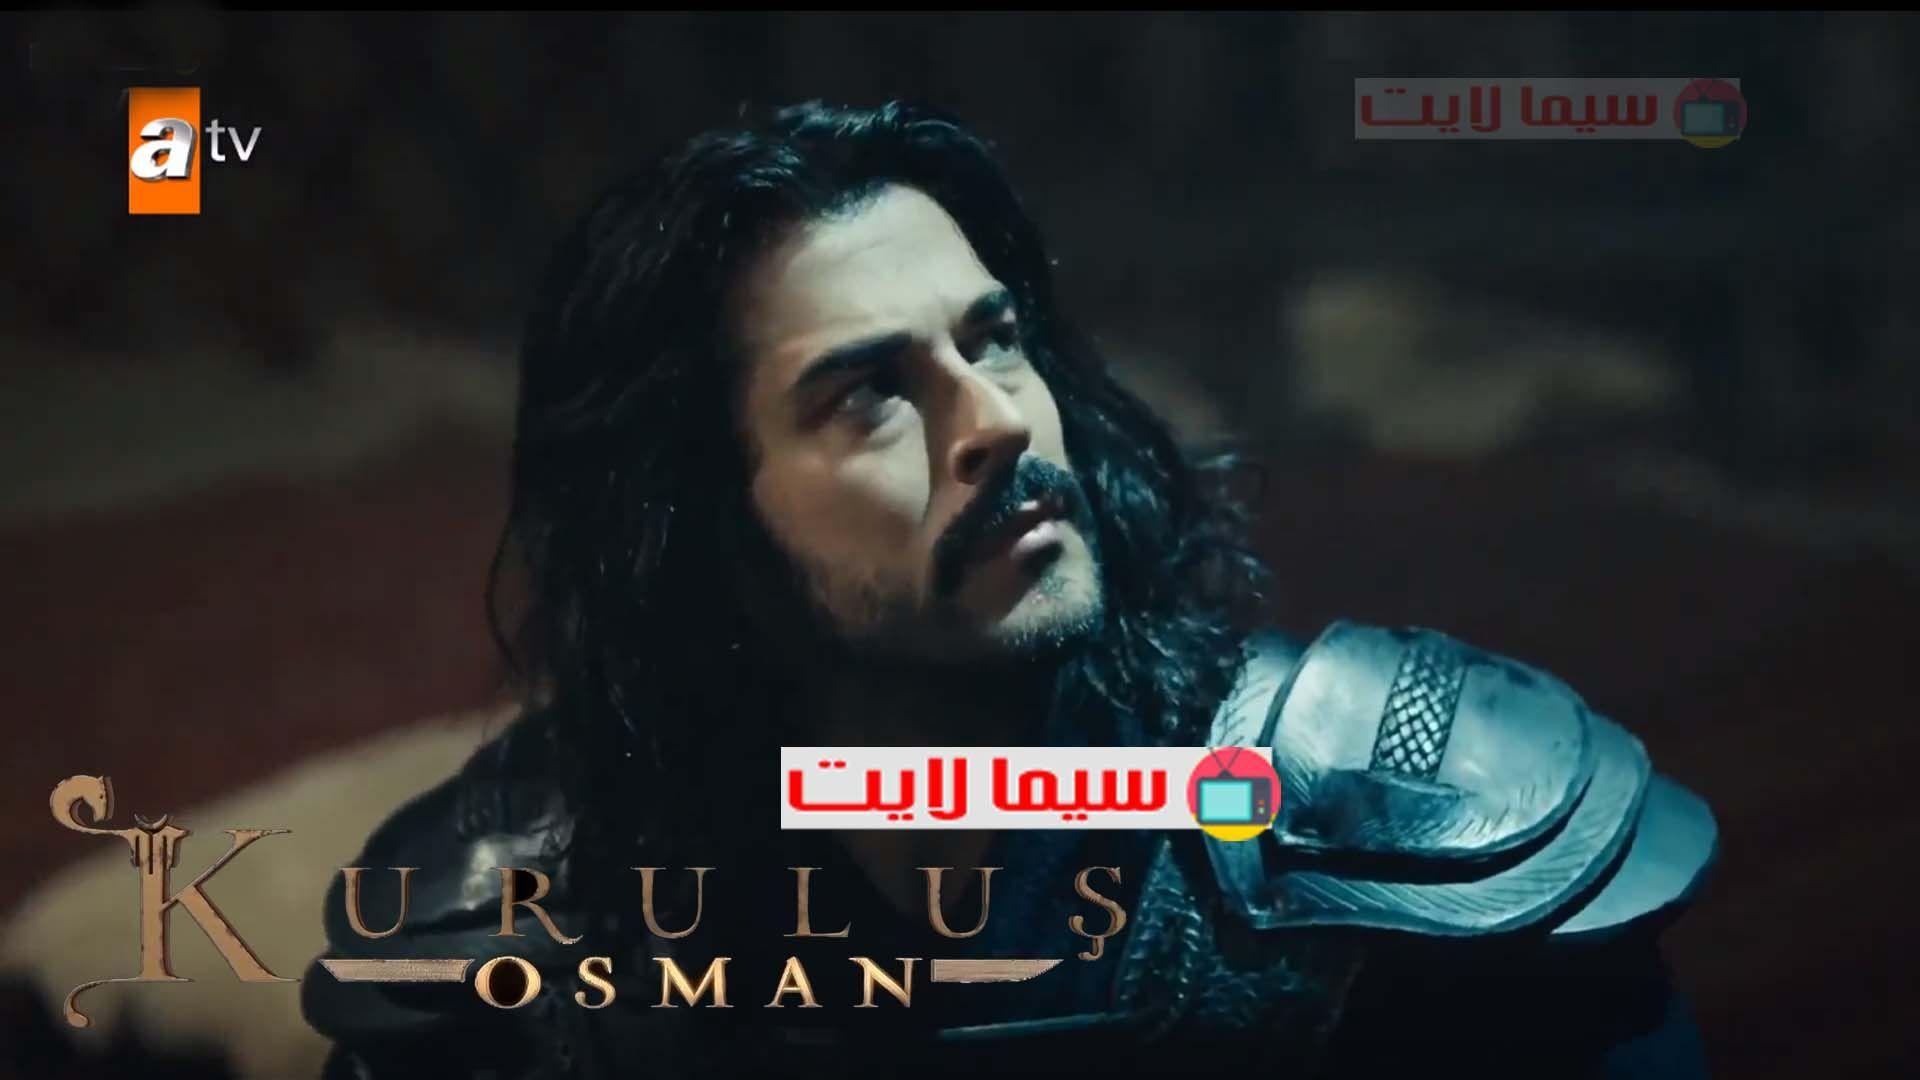 مسلسل المؤسس عثمان الحلقة 7 السابعة مترجمة قيامة عثمان الحلقة 7 مترجم Movie Posters Movies Osman